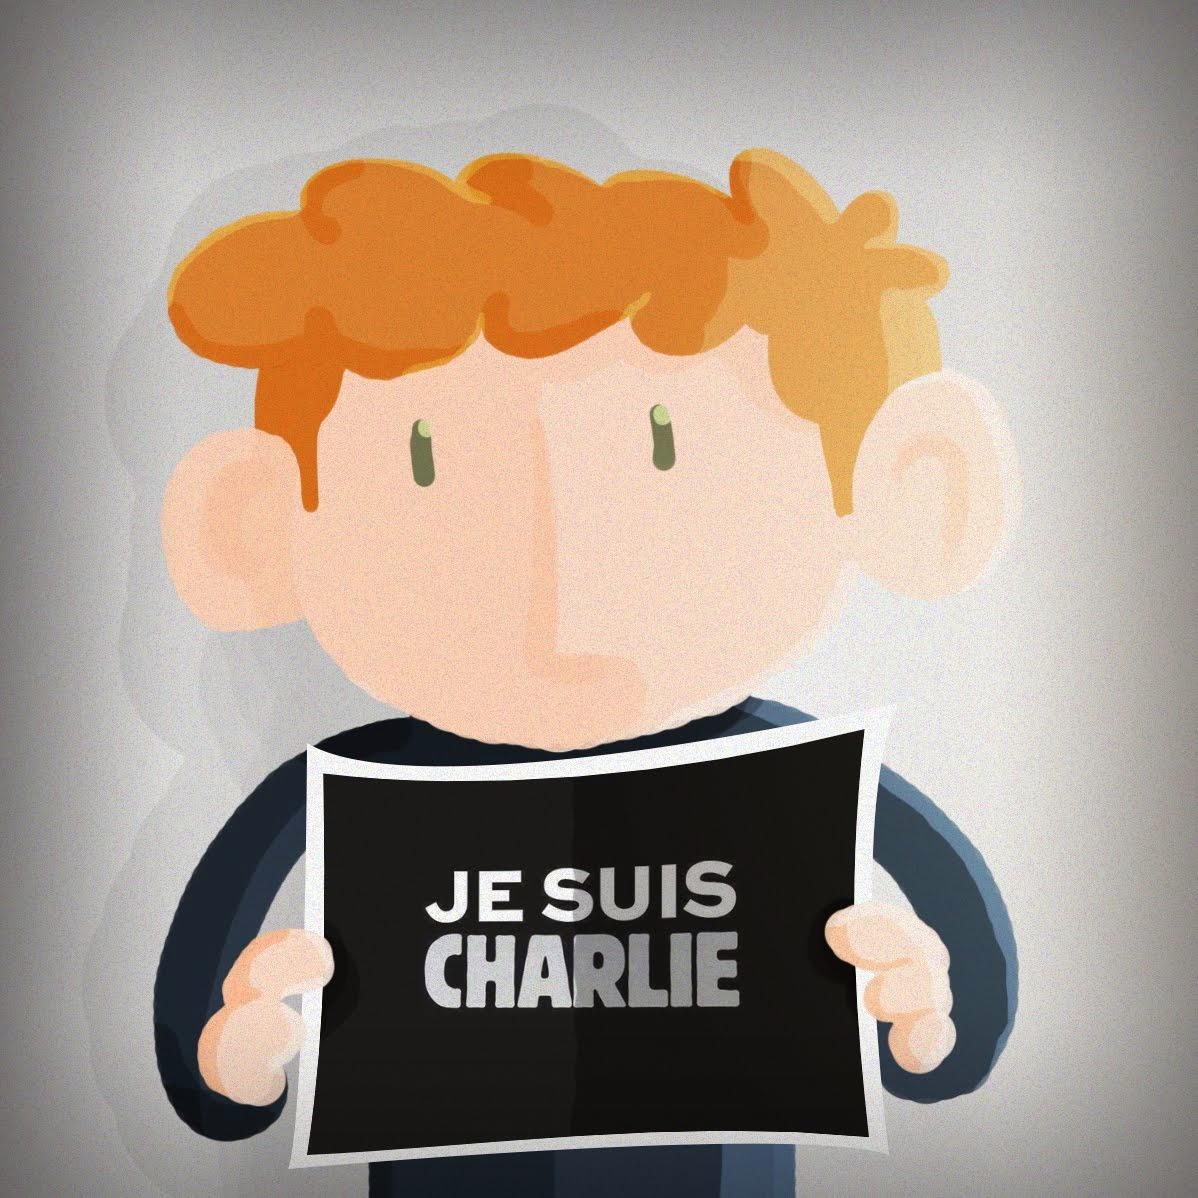 Mon texte pour Charlie Hebdo, au lendemain du 7 janvier